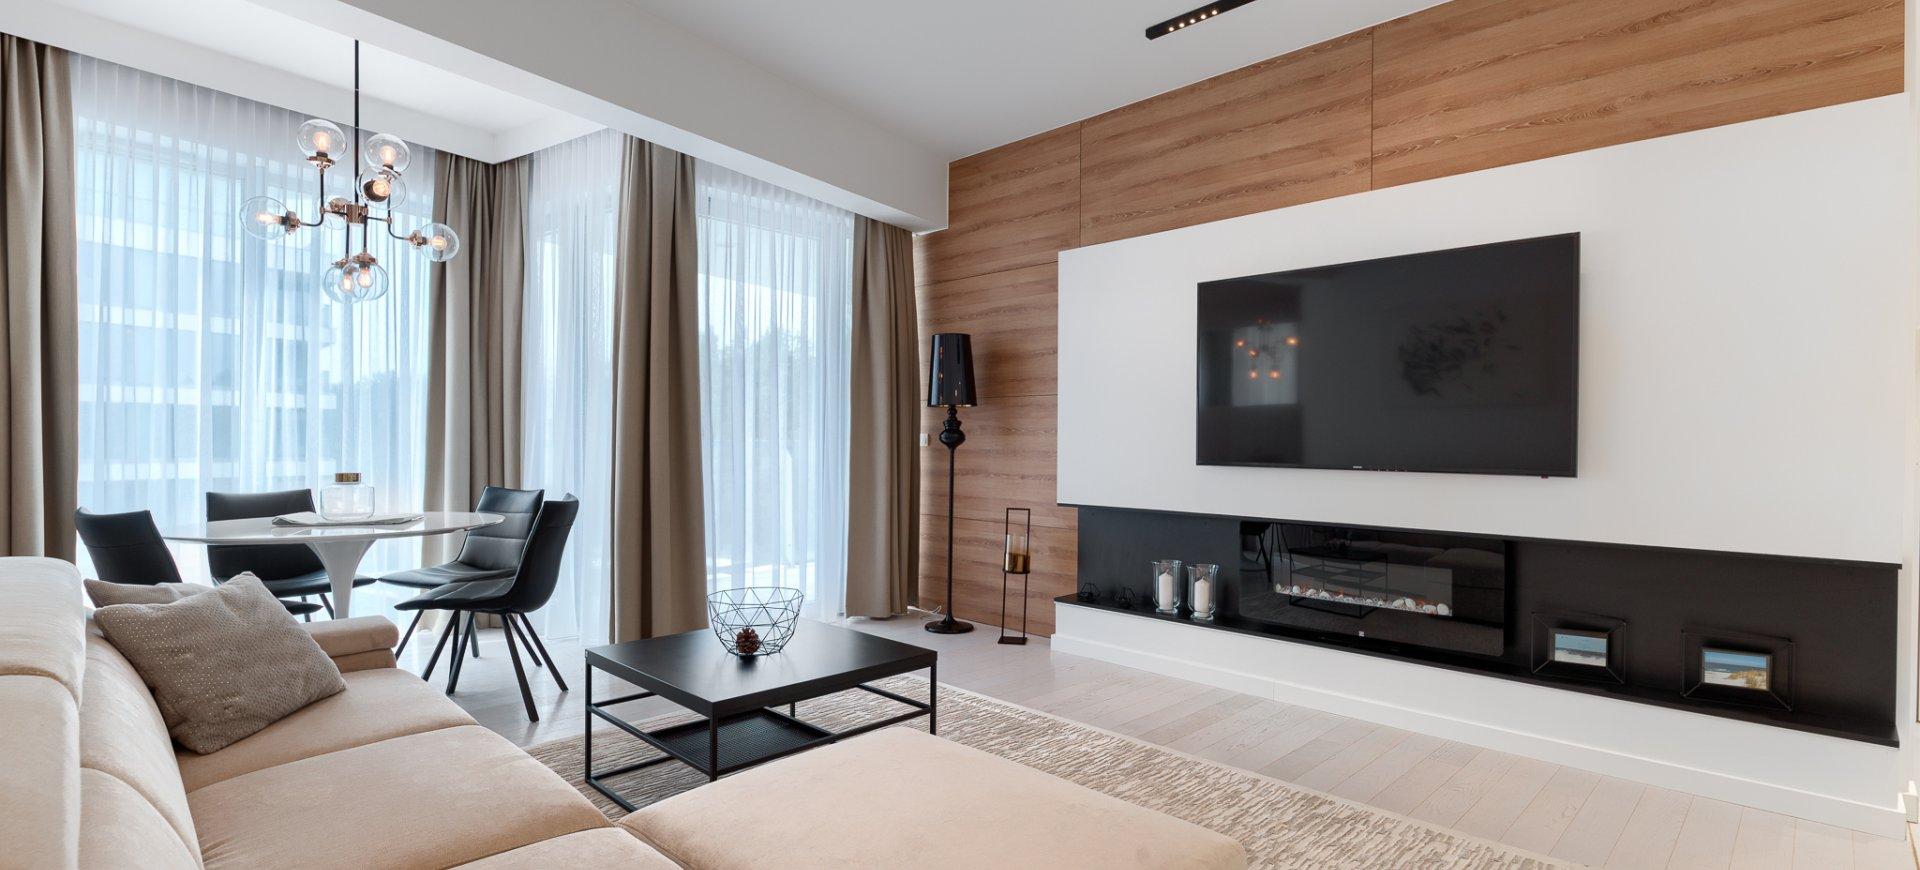 Apartament Deluxe z 1 sypialnią 2.15 B z widokiem na dziedziniec